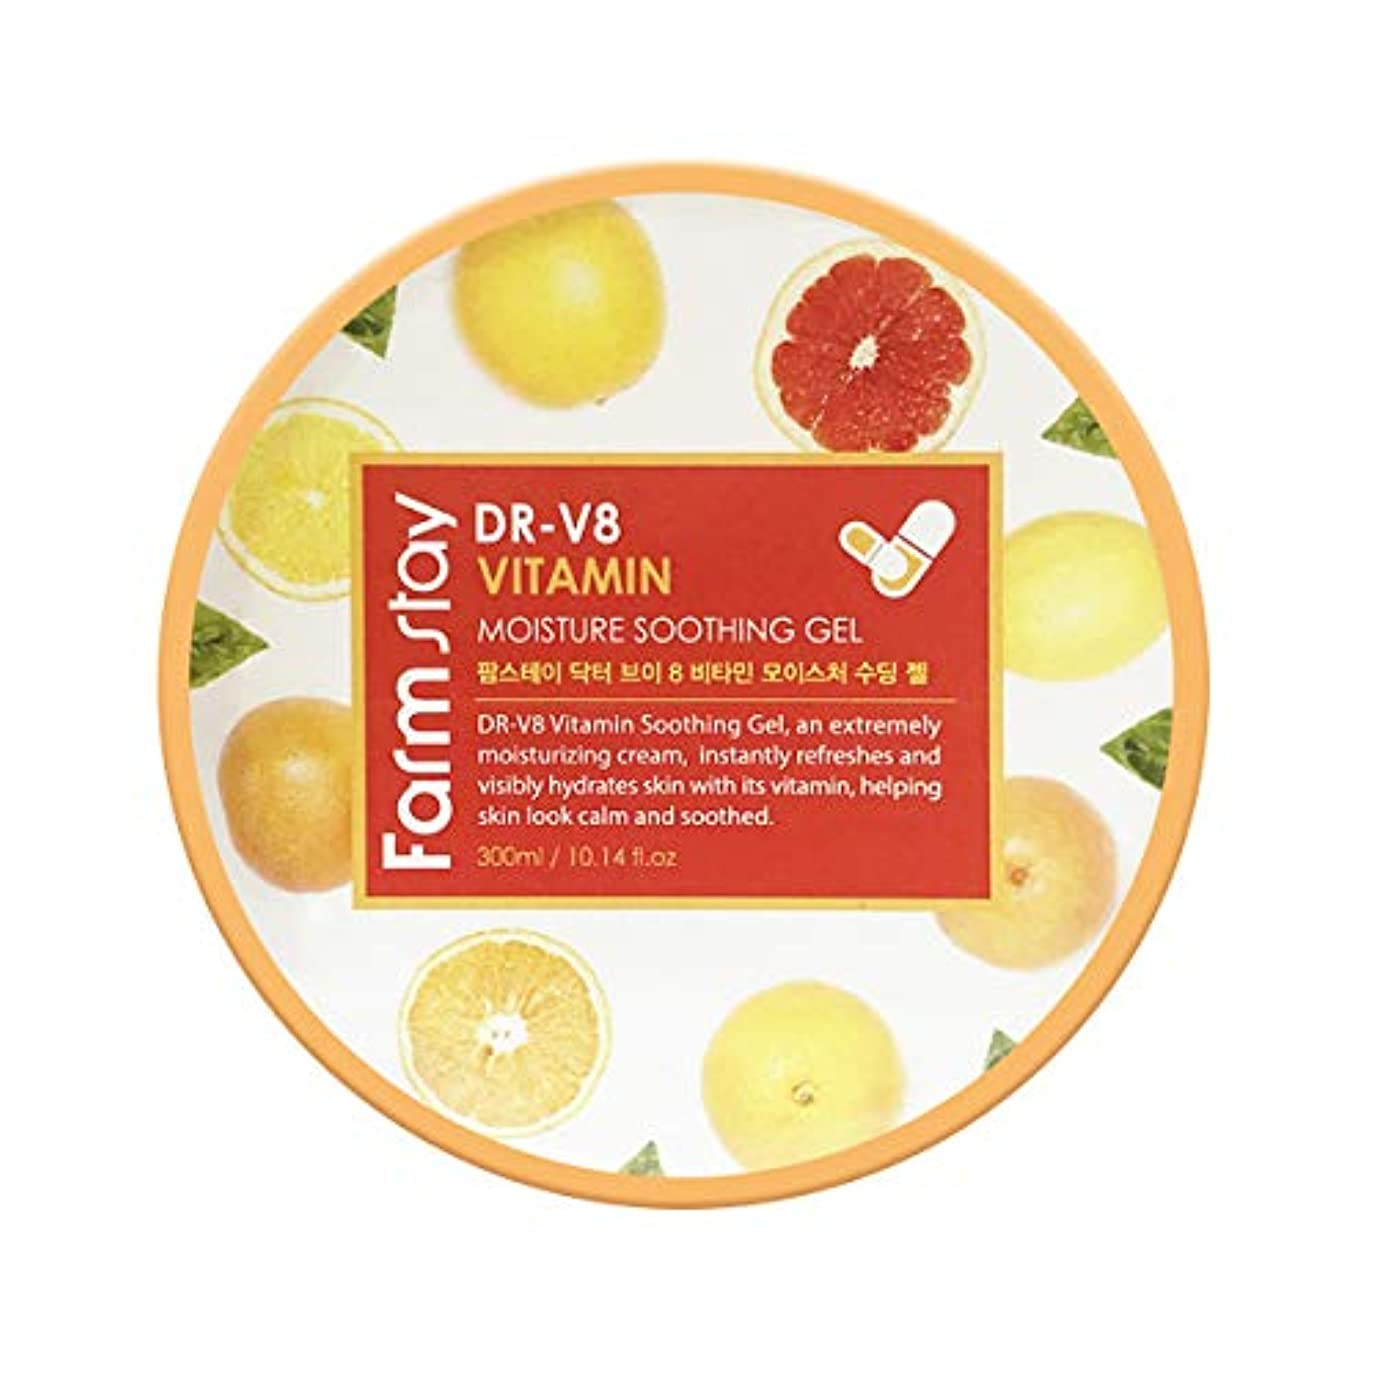 ジャニスミリメーターロック解除[Farmstay] ファームステイ DR-V8 Vitamin ビタミン Moisture Soothing Gel スディンジェル300ml